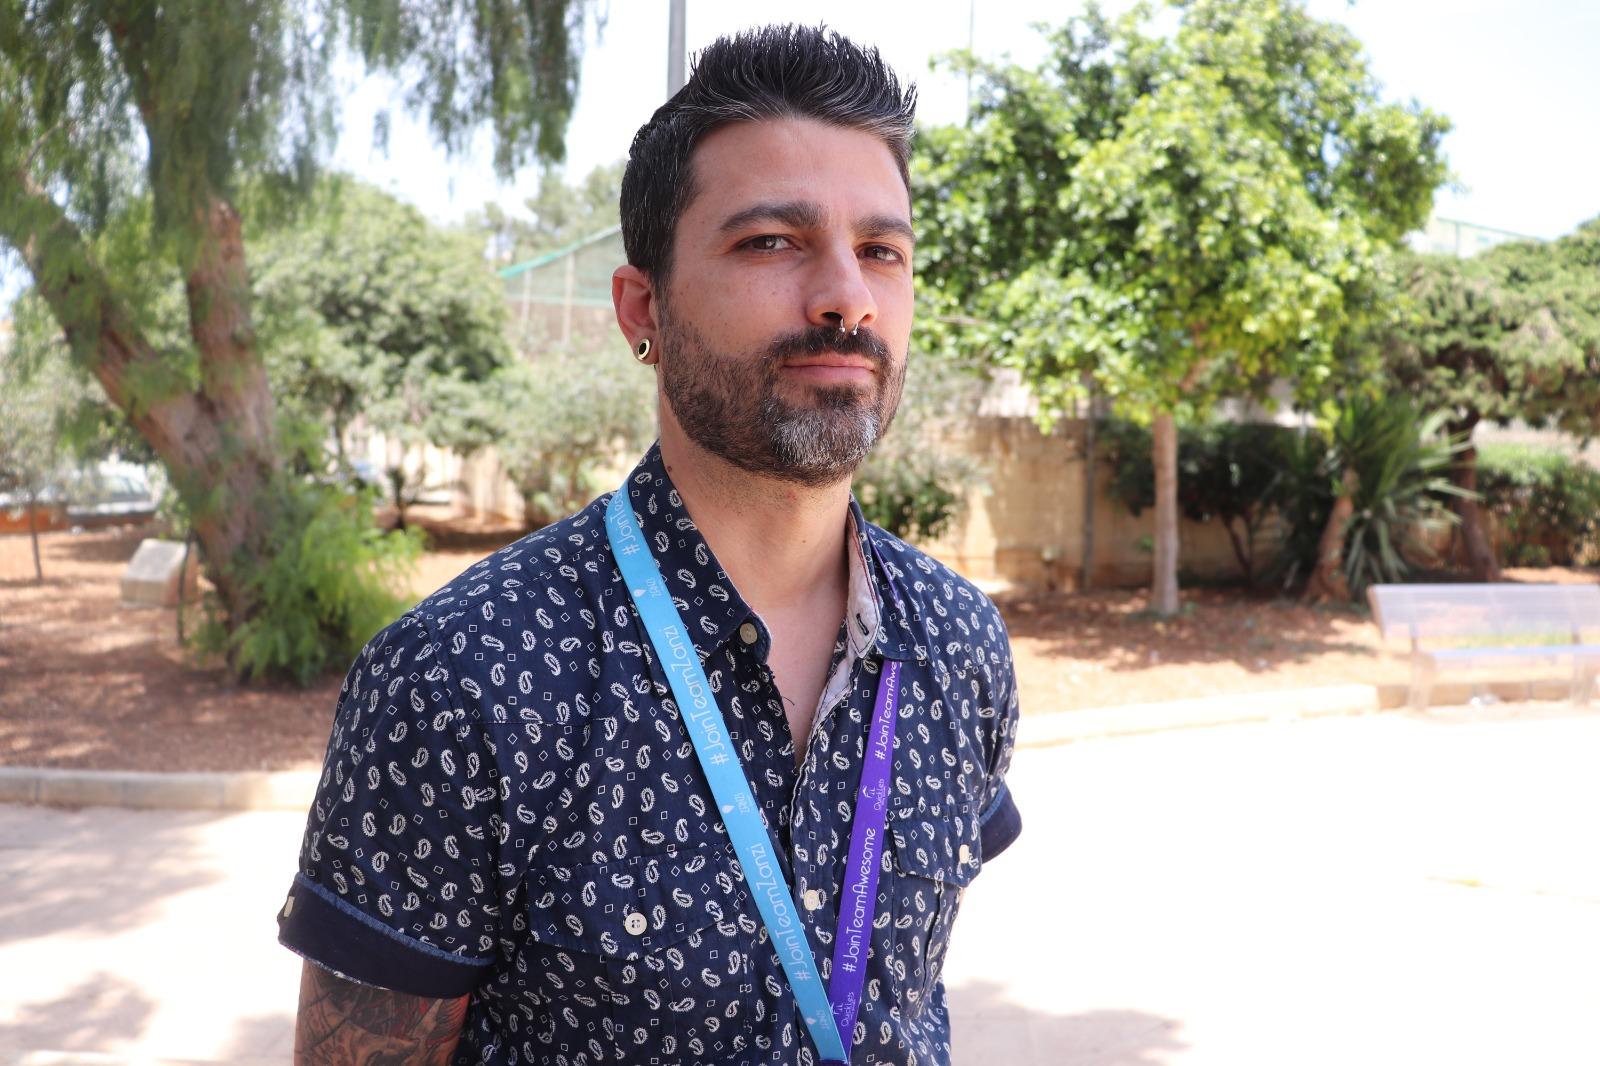 Justin Camilleri